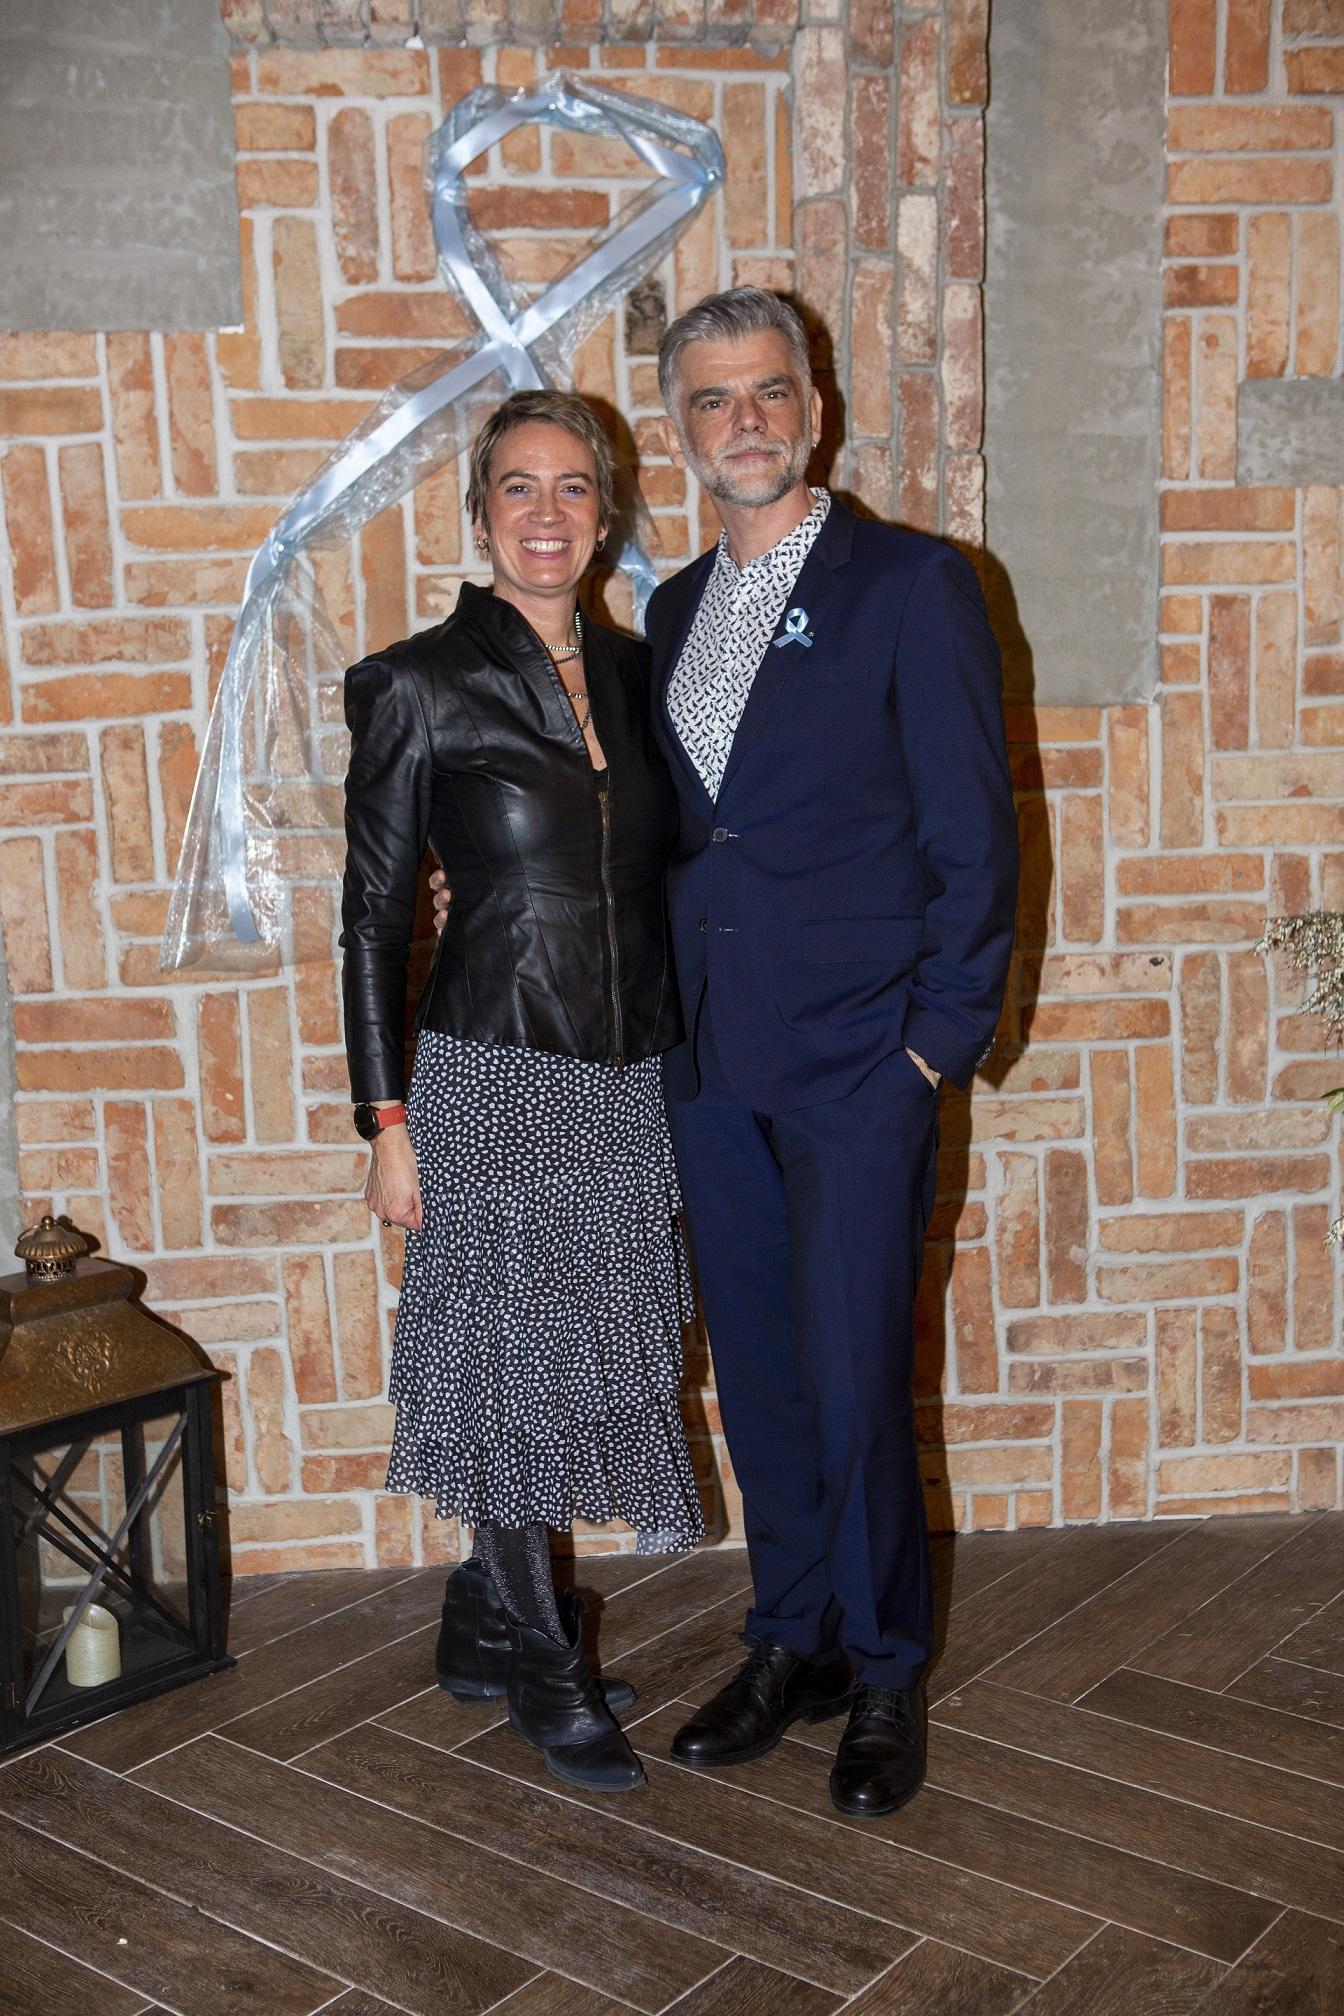 Svi za njega donatorska vecera  Voditelj veceri Milan Majerovic-Stilinovic i supruga Pilar Majerovic  Loft restoran, Westgate. Fotograf Matej Dokic 280120